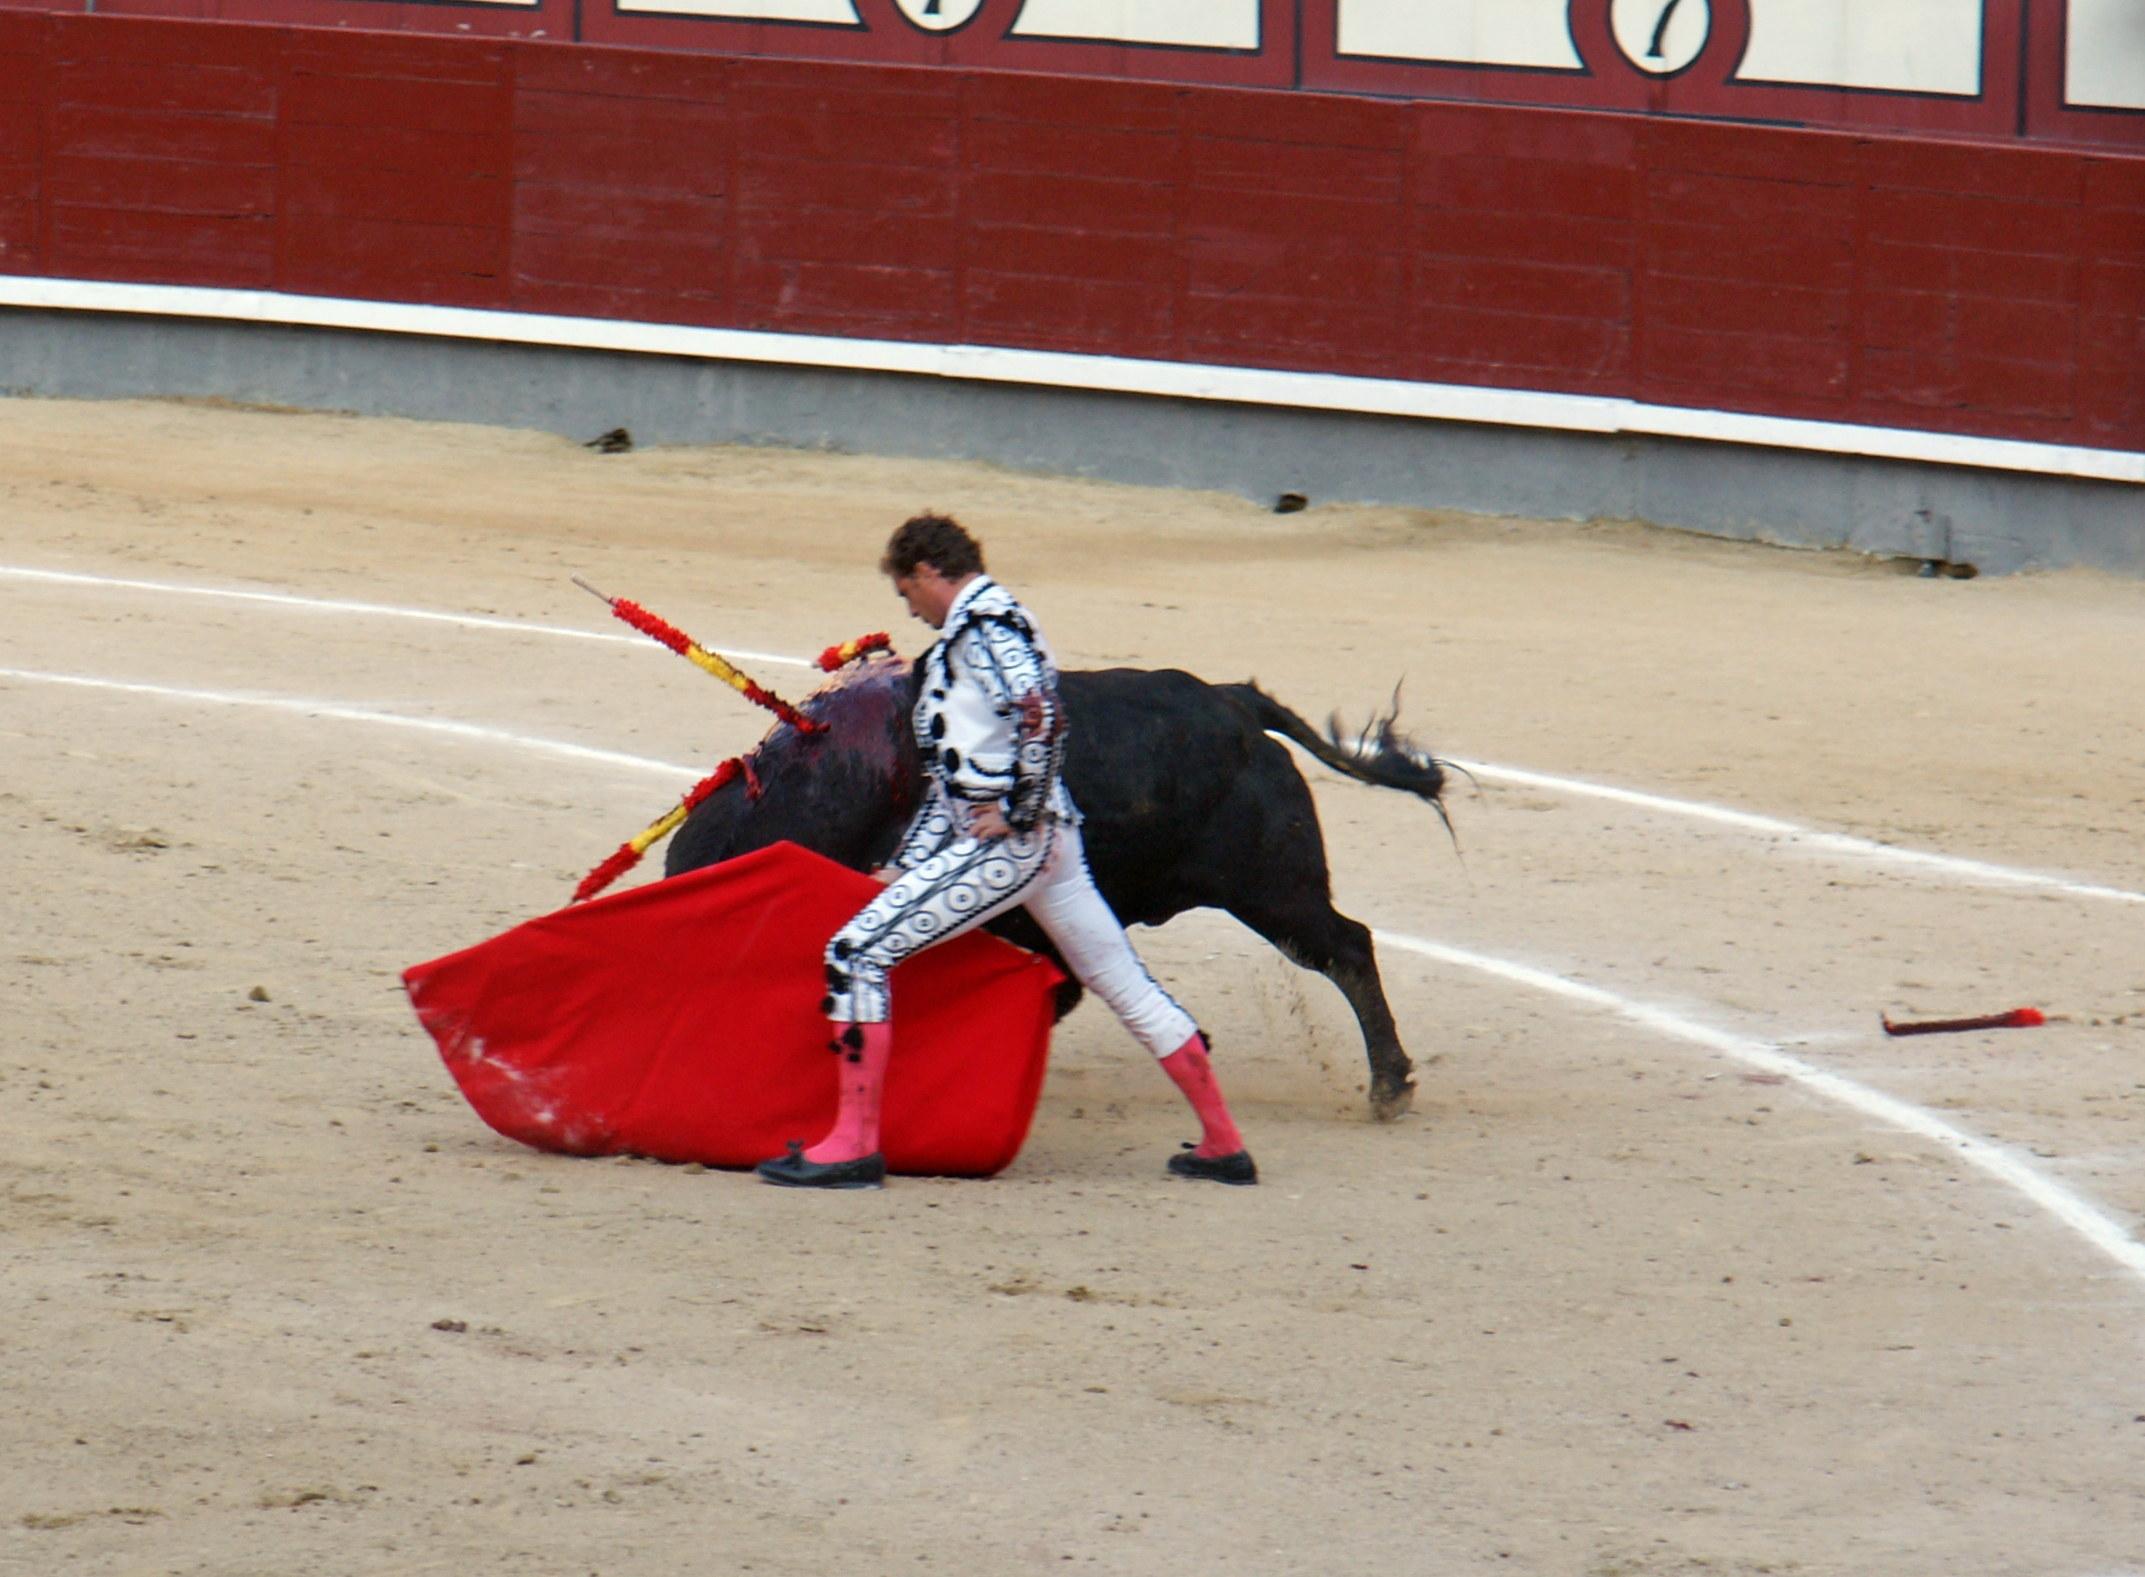 Tauromaquia-Matador-Gallery28